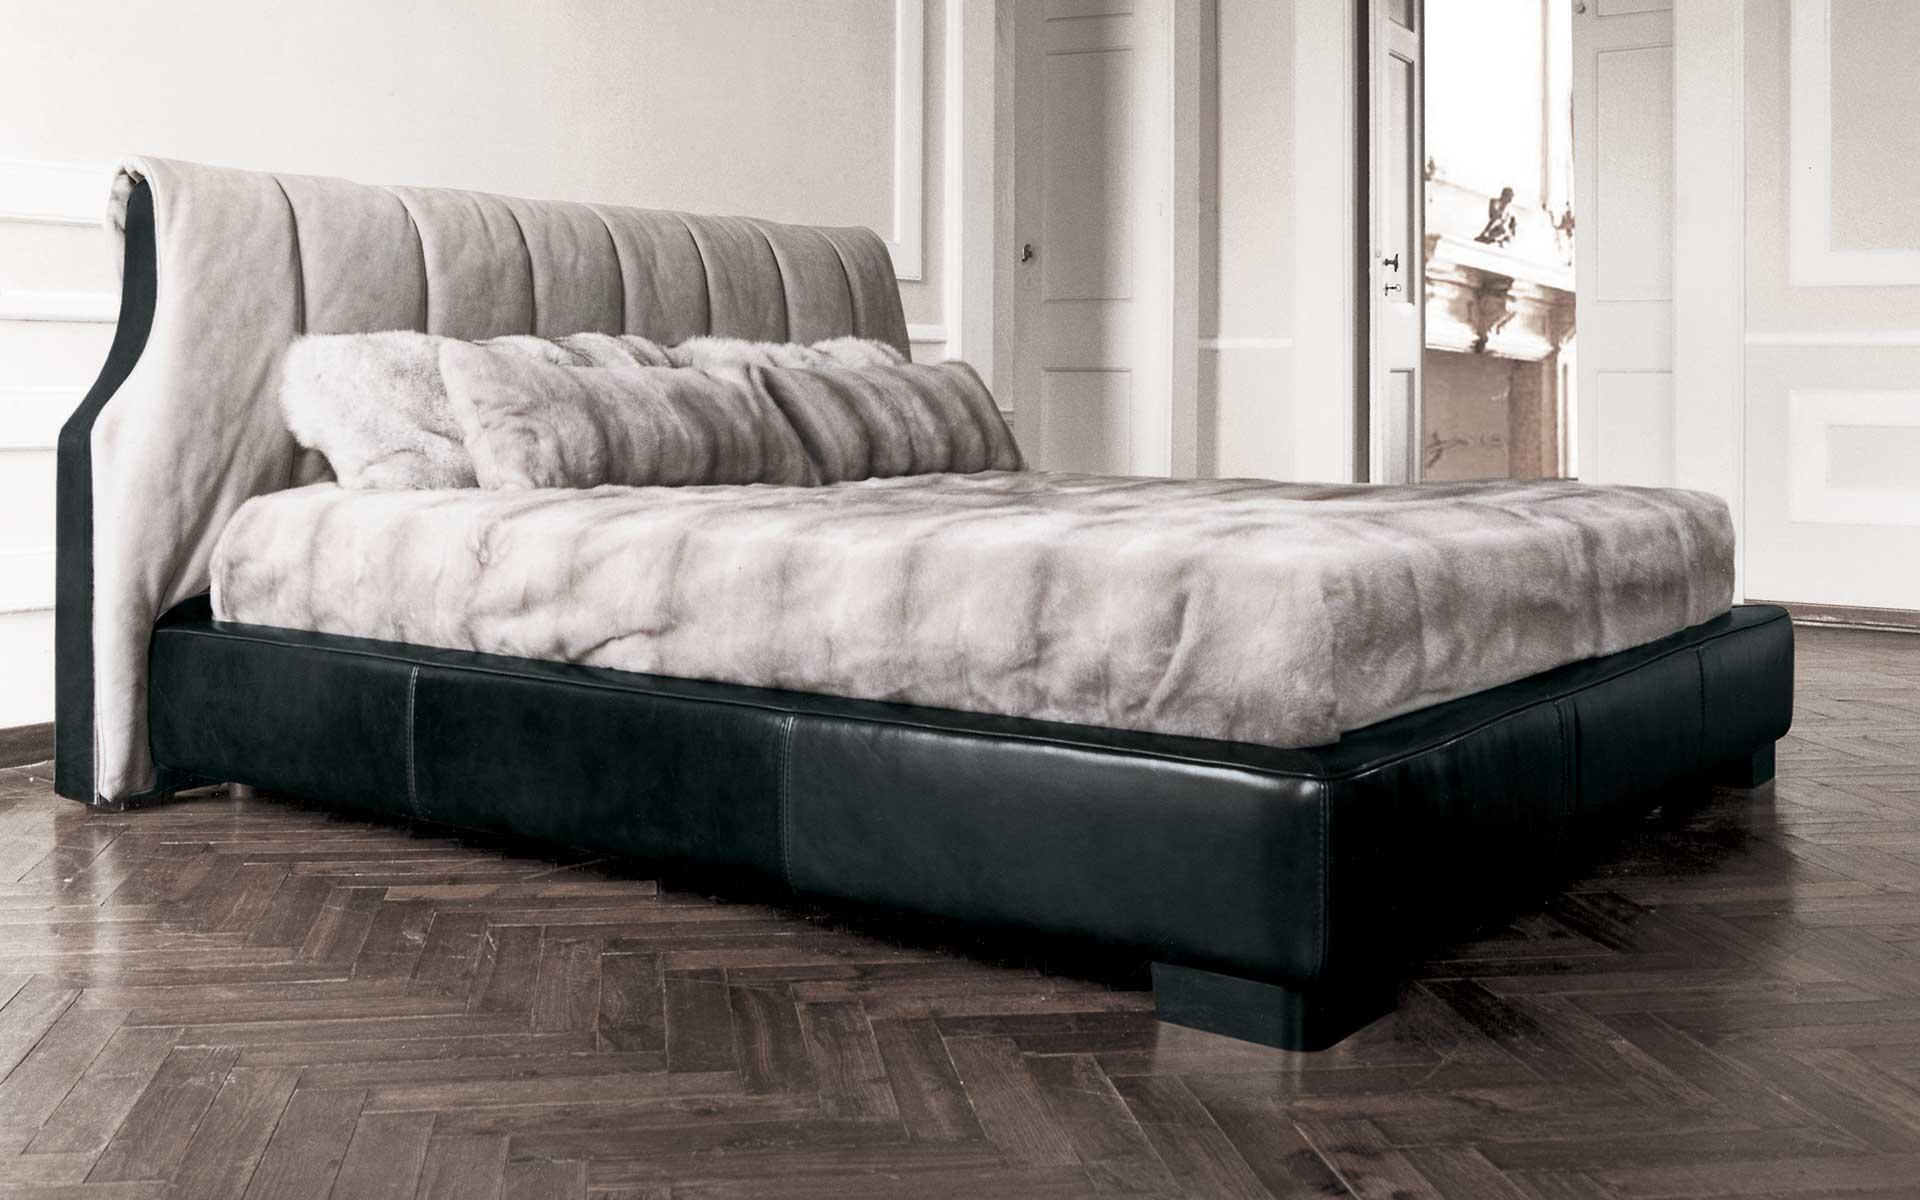 布艺沙发品牌_HUGO 床 意大利Baxter [ 海居汇 ] 进口家具代购 欧洲家具代购 海外 ...